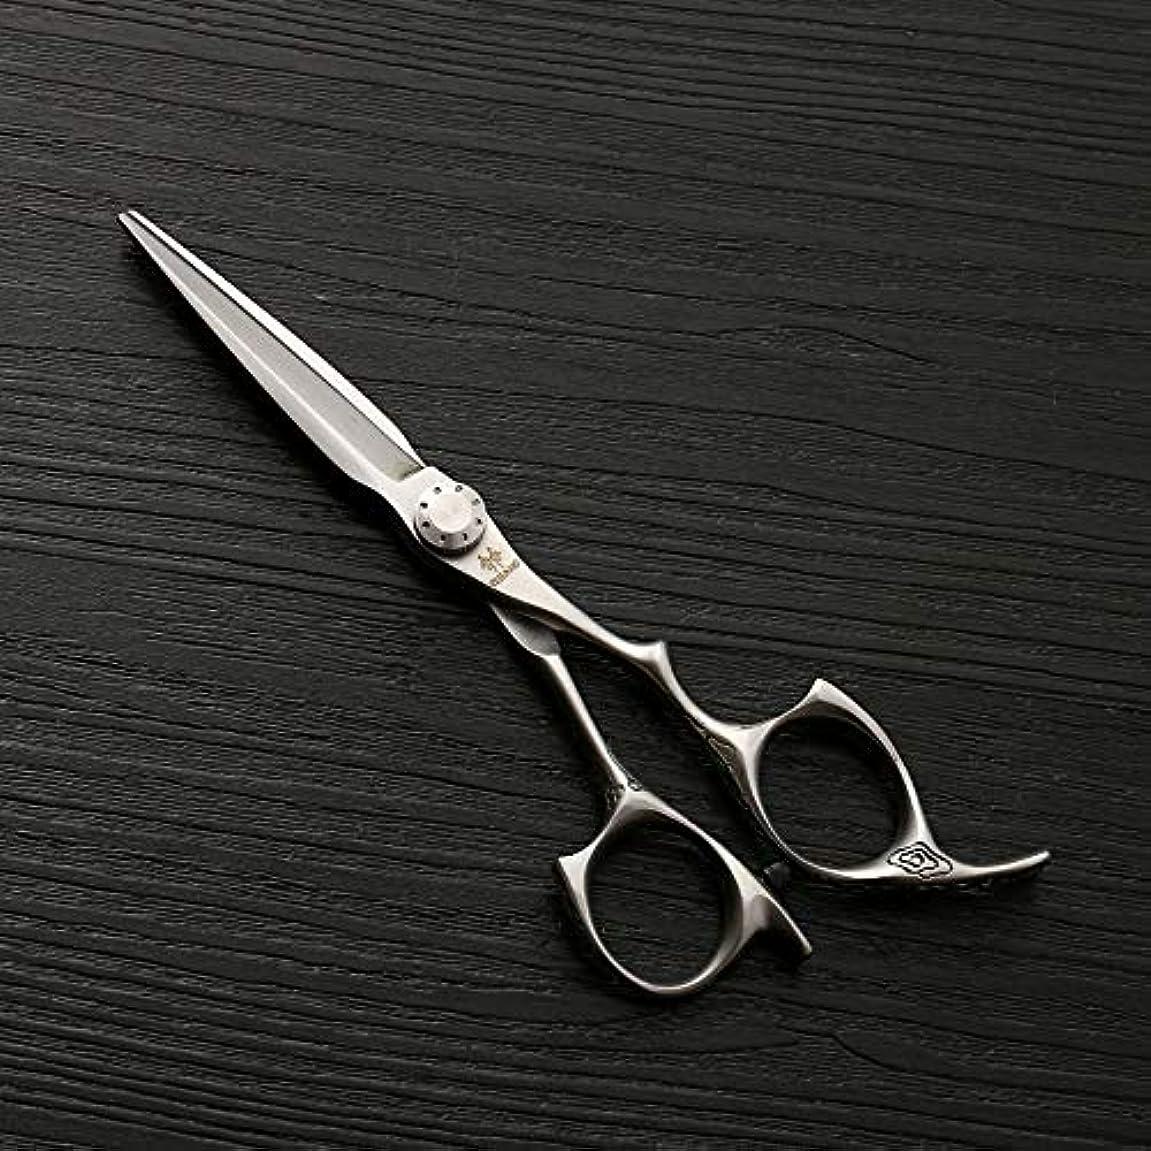 思想メイエラ概念理髪用はさみ 新バリカン、ヘアスタイリスト理髪はさみ、5.5インチステンレス鋼プロフェッショナルフラットシアーヘアカットシザーステンレス理髪はさみ (色 : Silver)